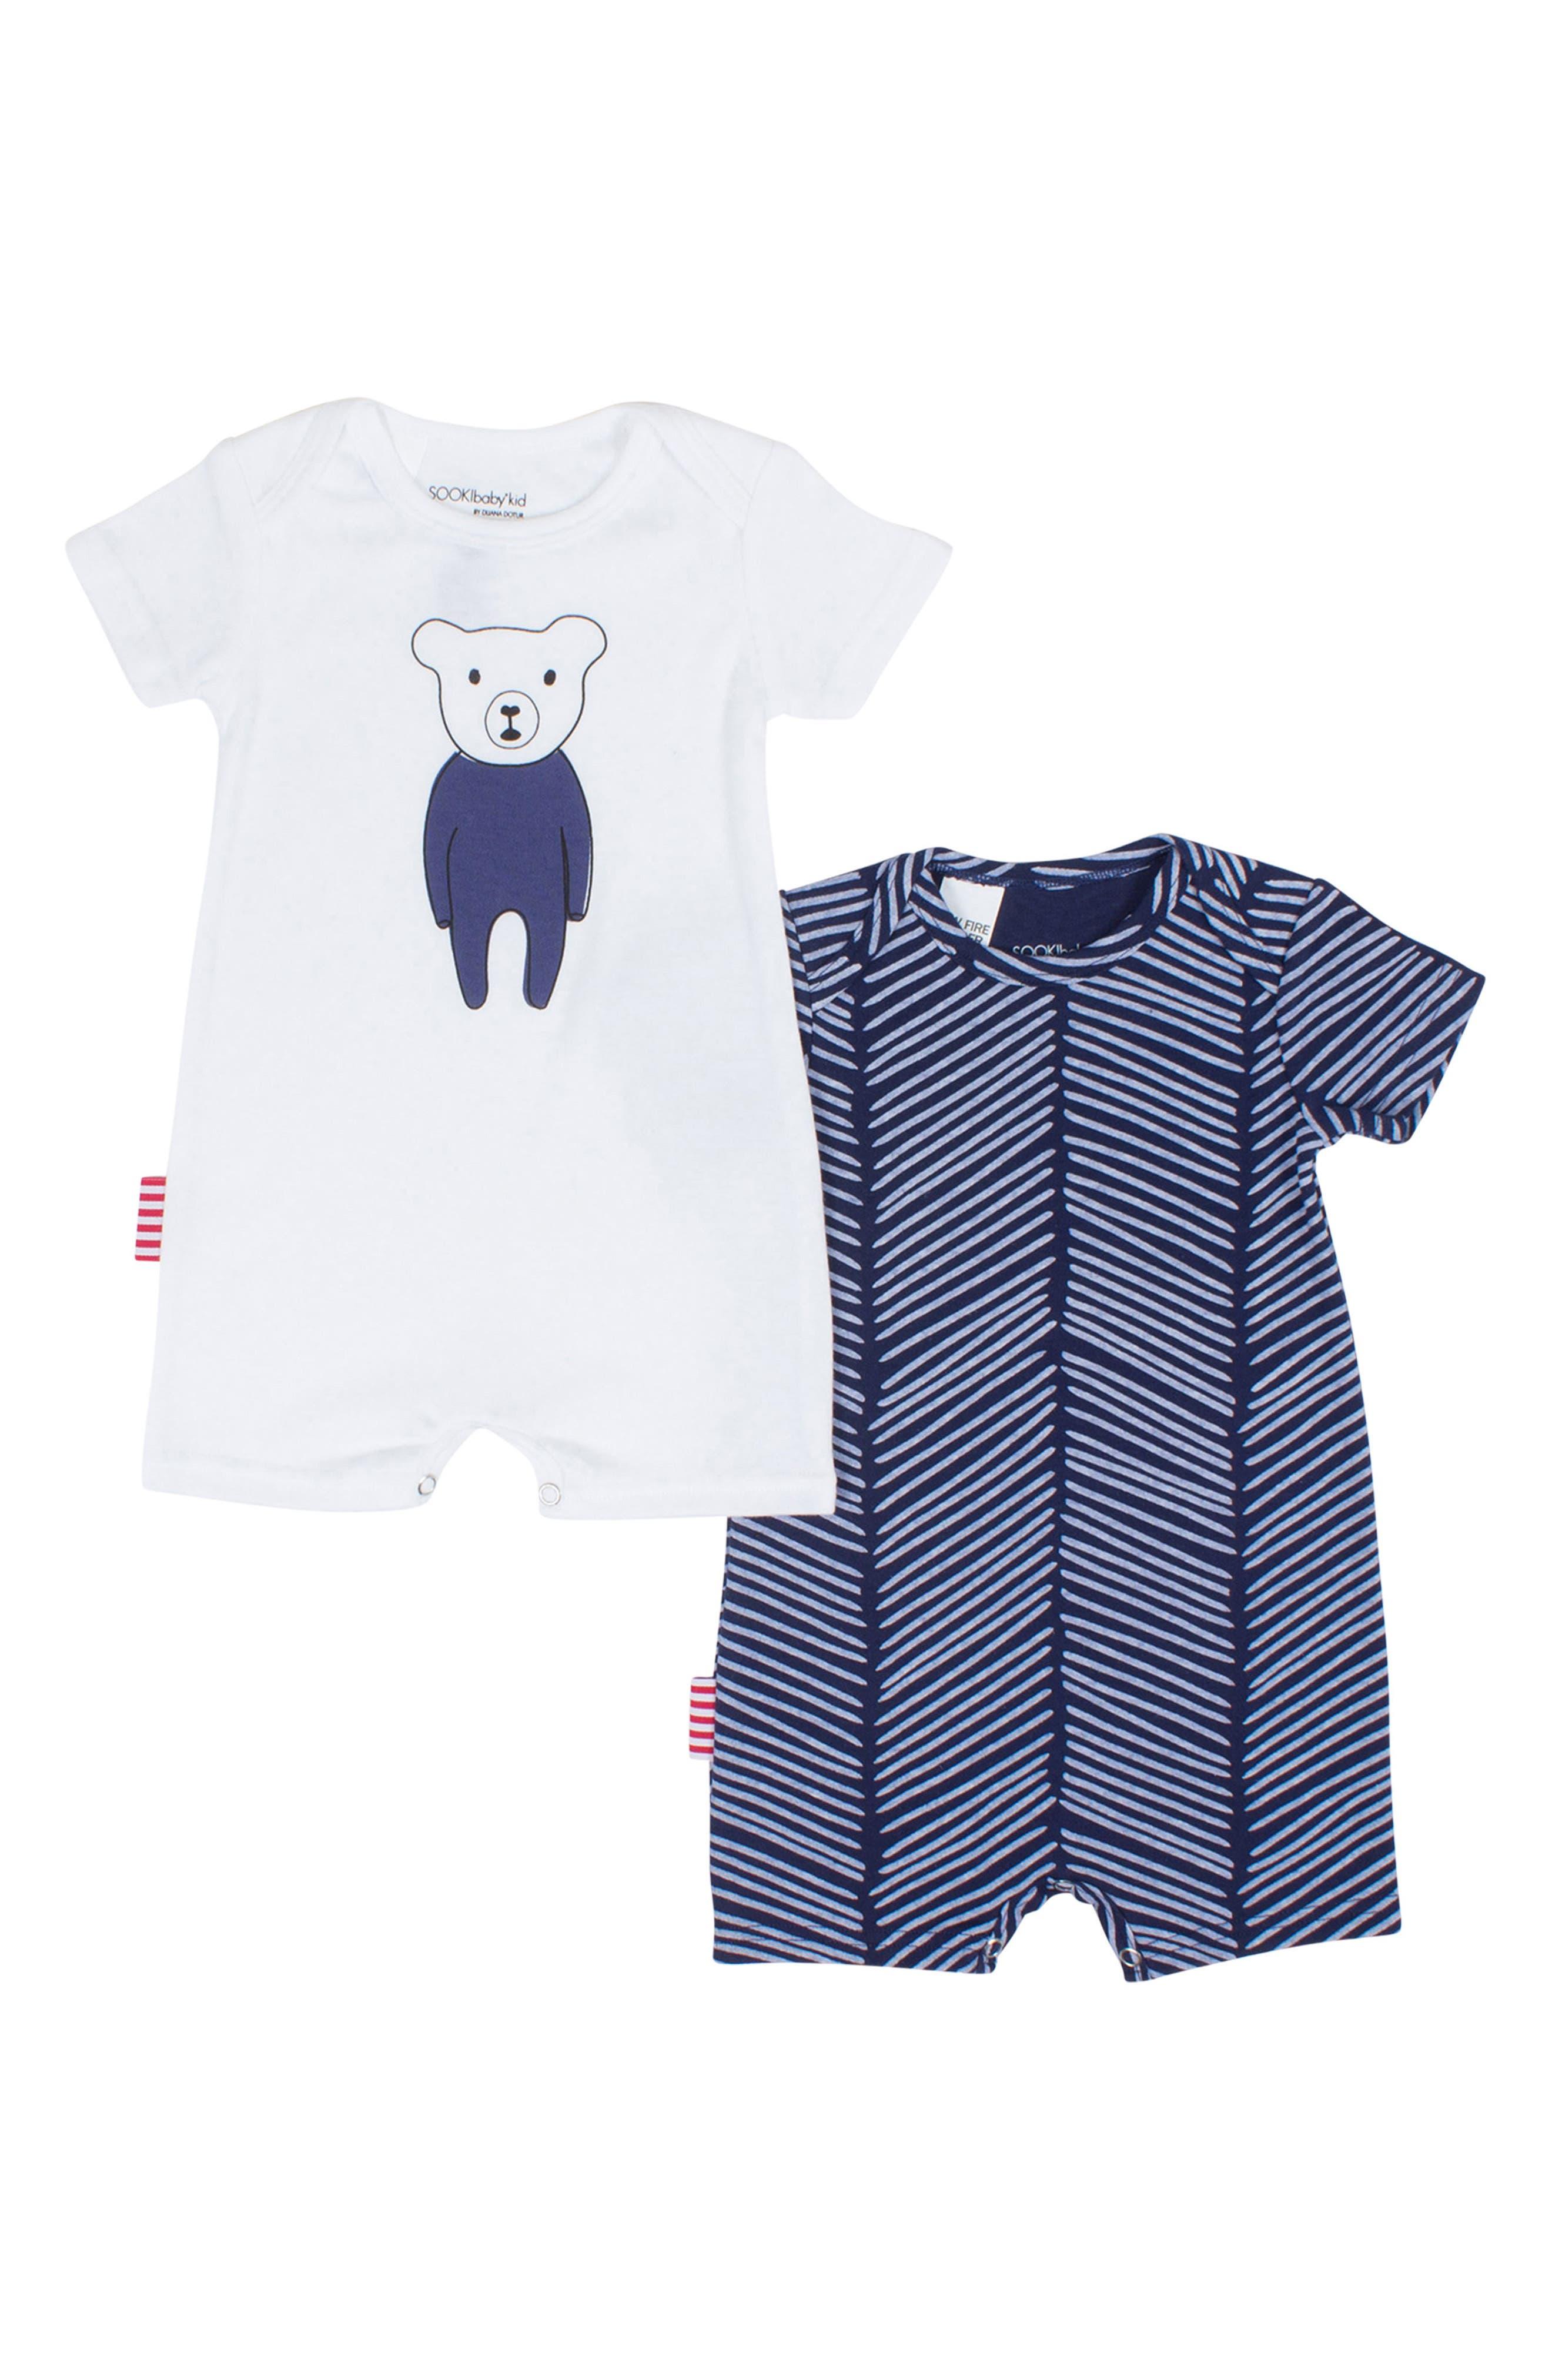 SOOKIbaby Beary Nice 2-Pack Rompers (Baby Boys)